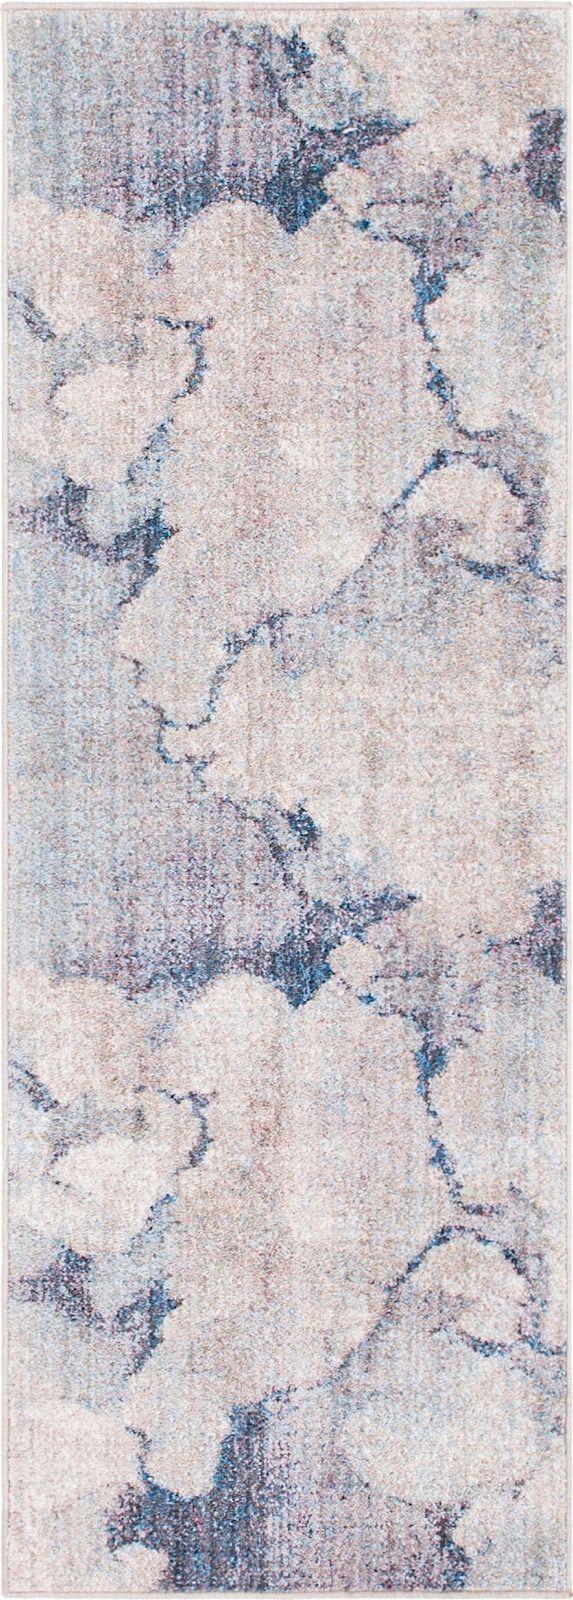 unique loom rainbow contemporary area rug collection